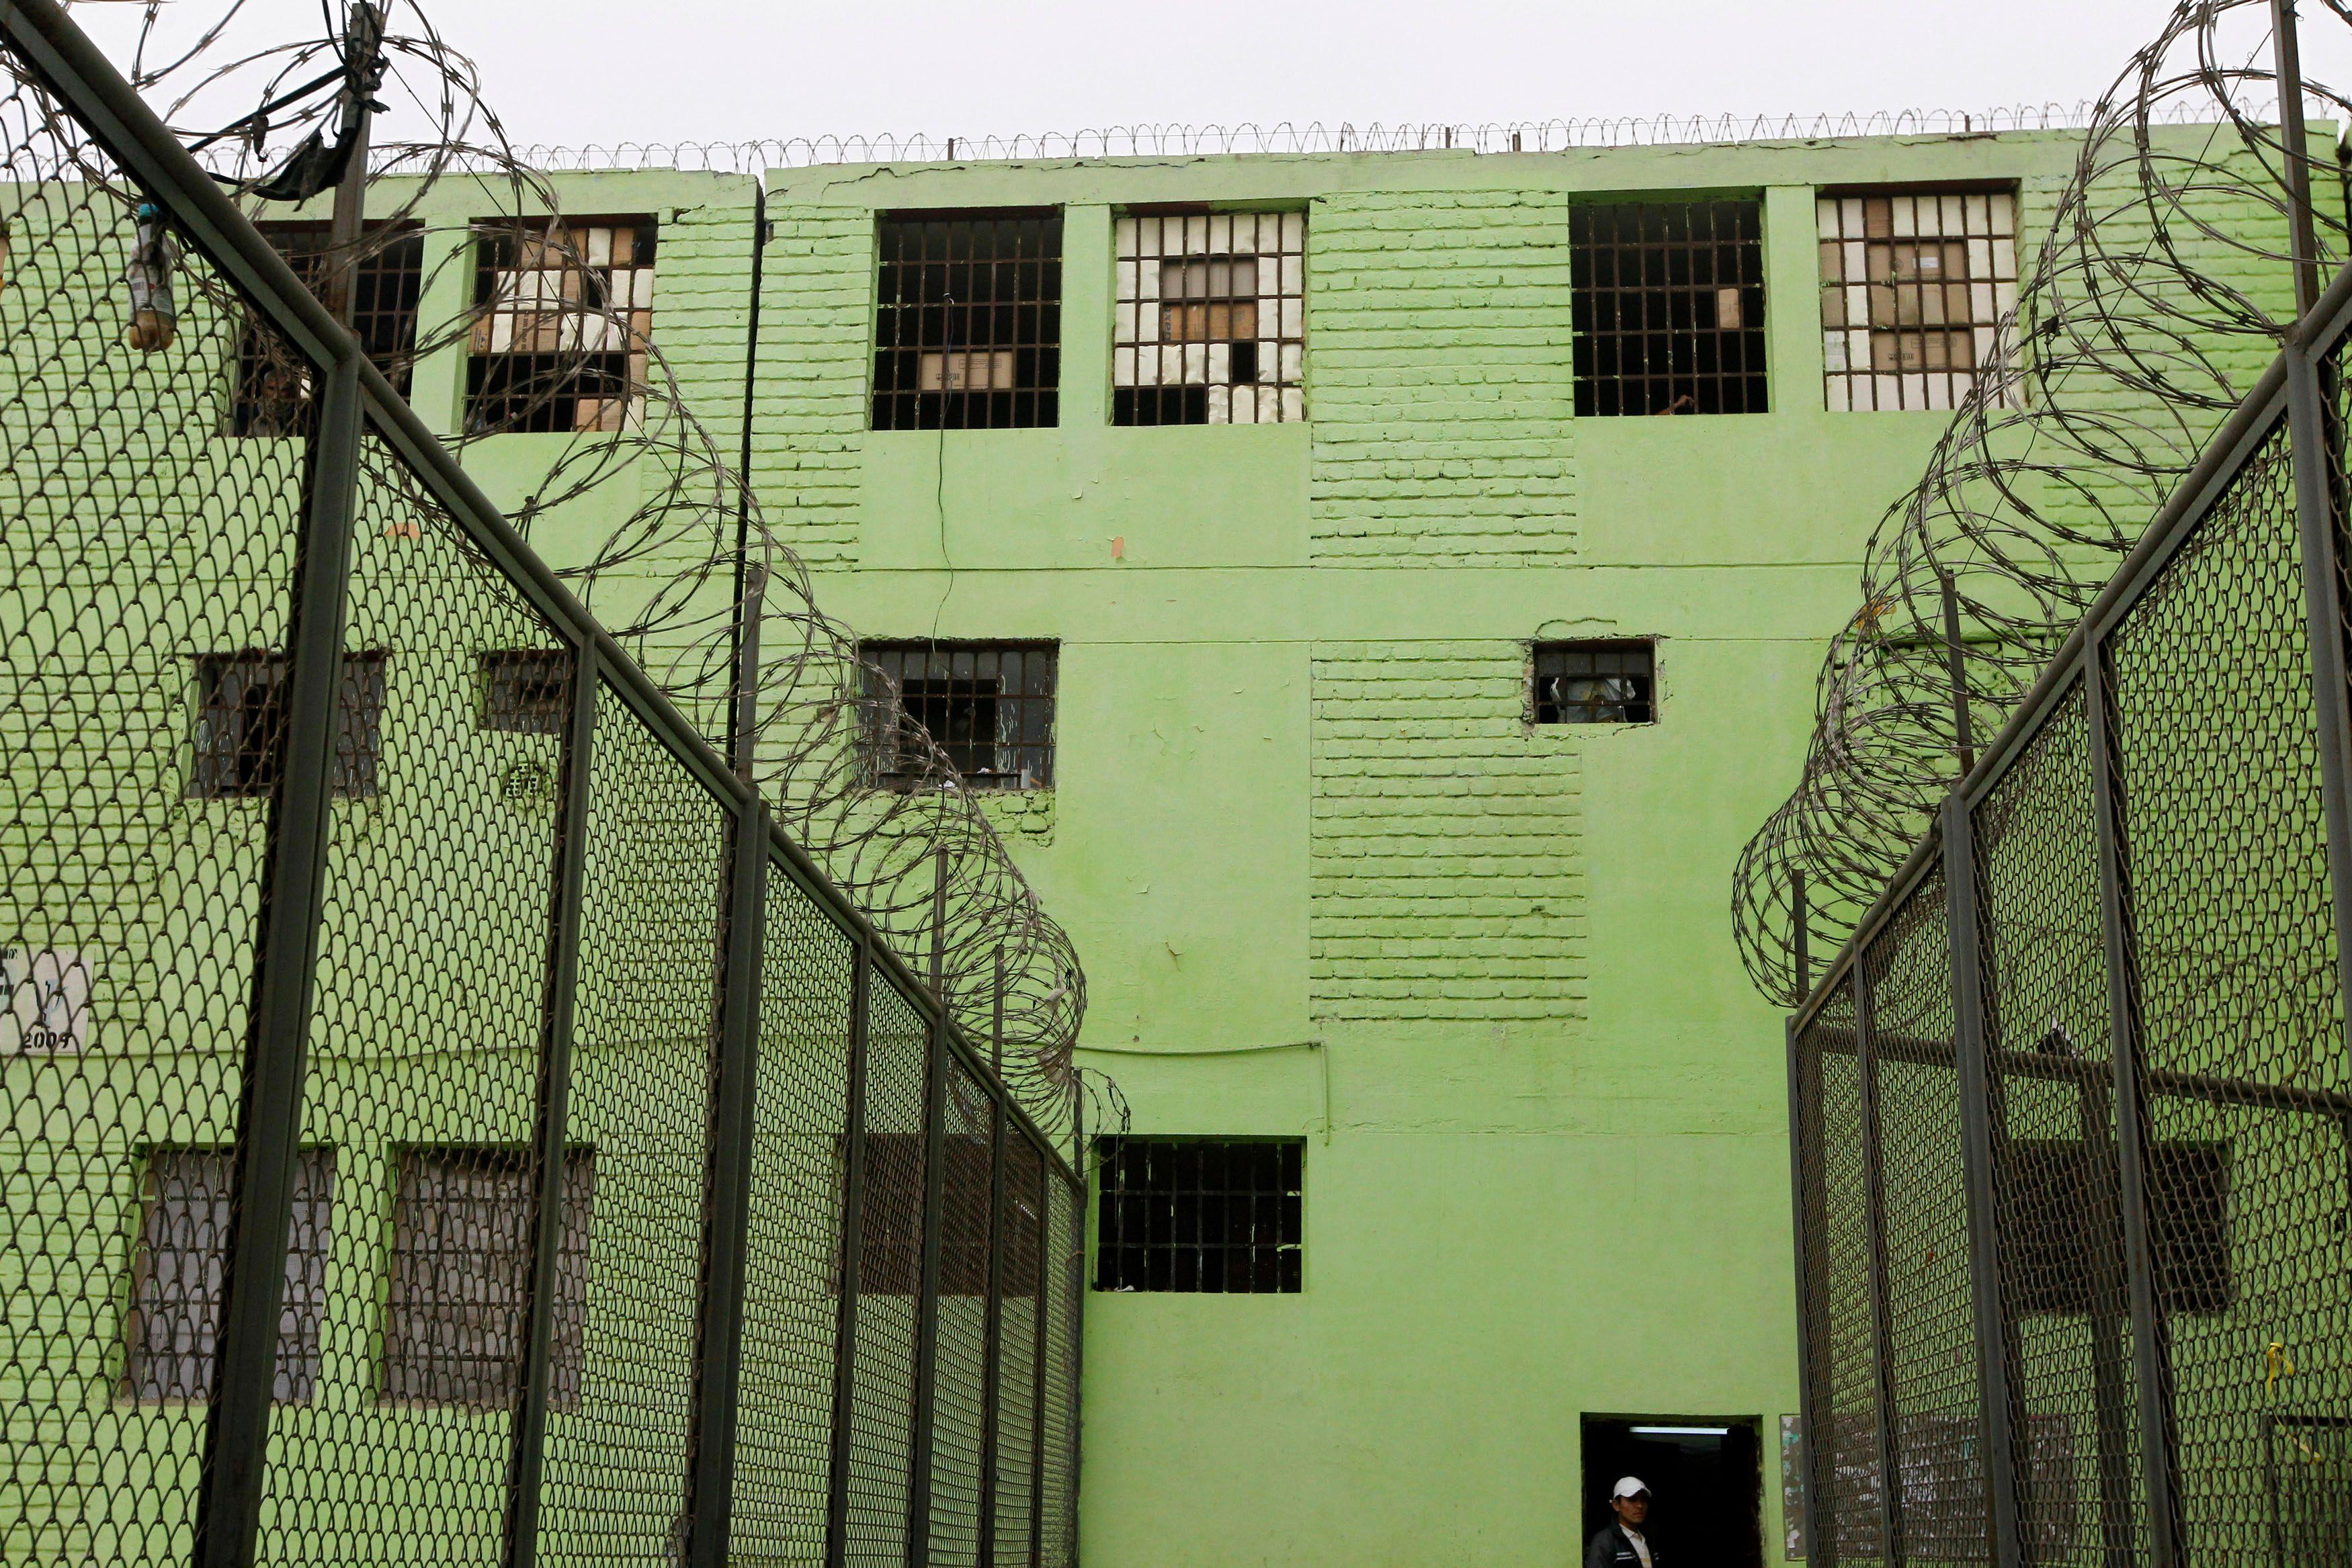 Effet collatéral du coronavirus : un appel humaniste à vider les prisons... vraiment ?